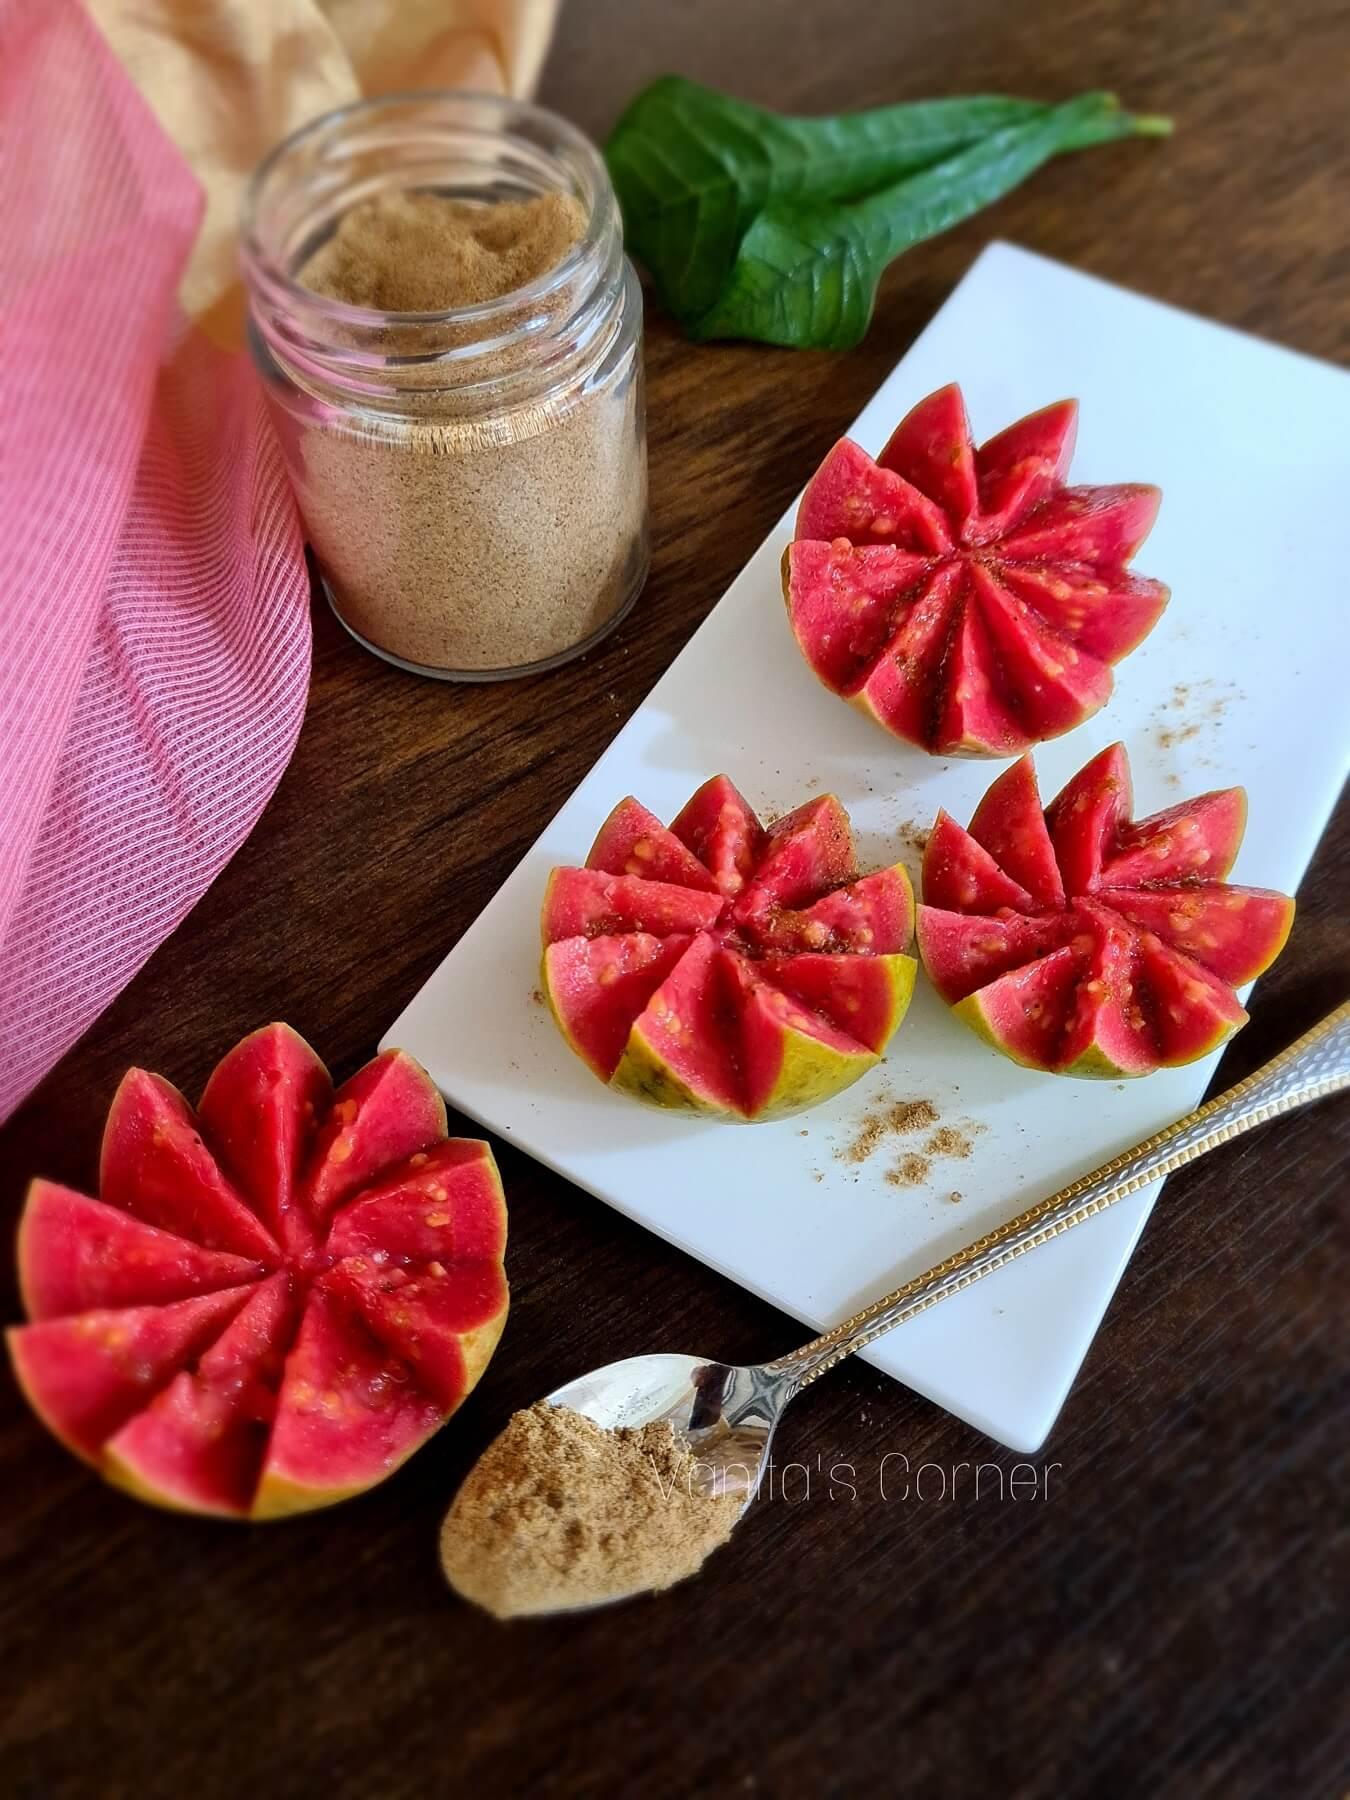 Guava food art